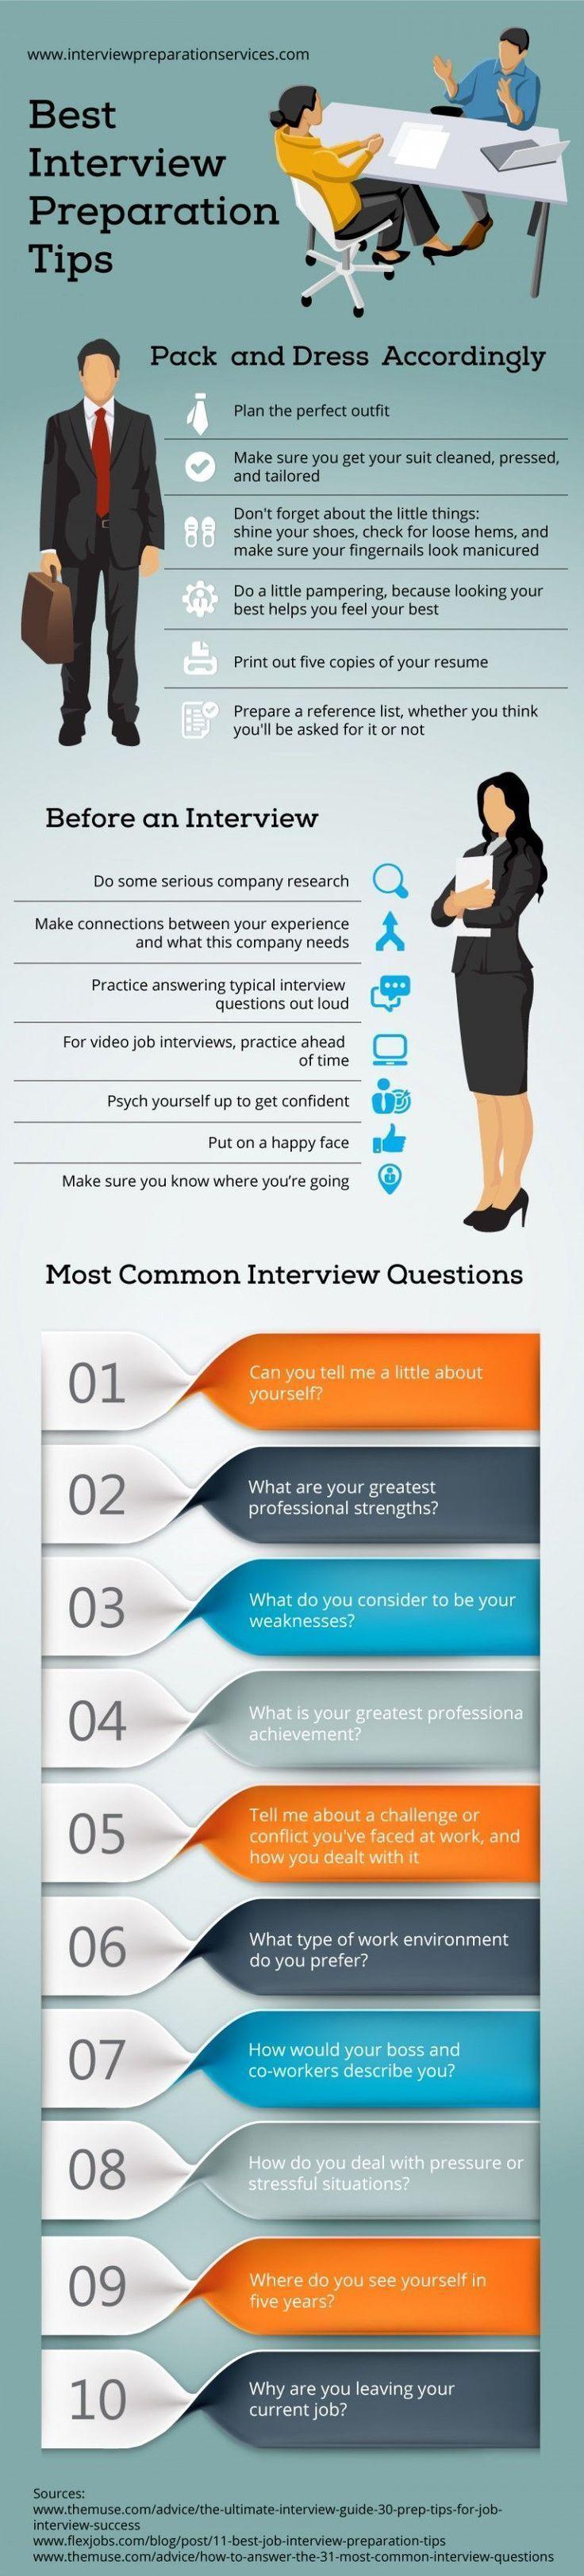 cna duties for resume%0A bestinterviewpreparationtips   x     jpg